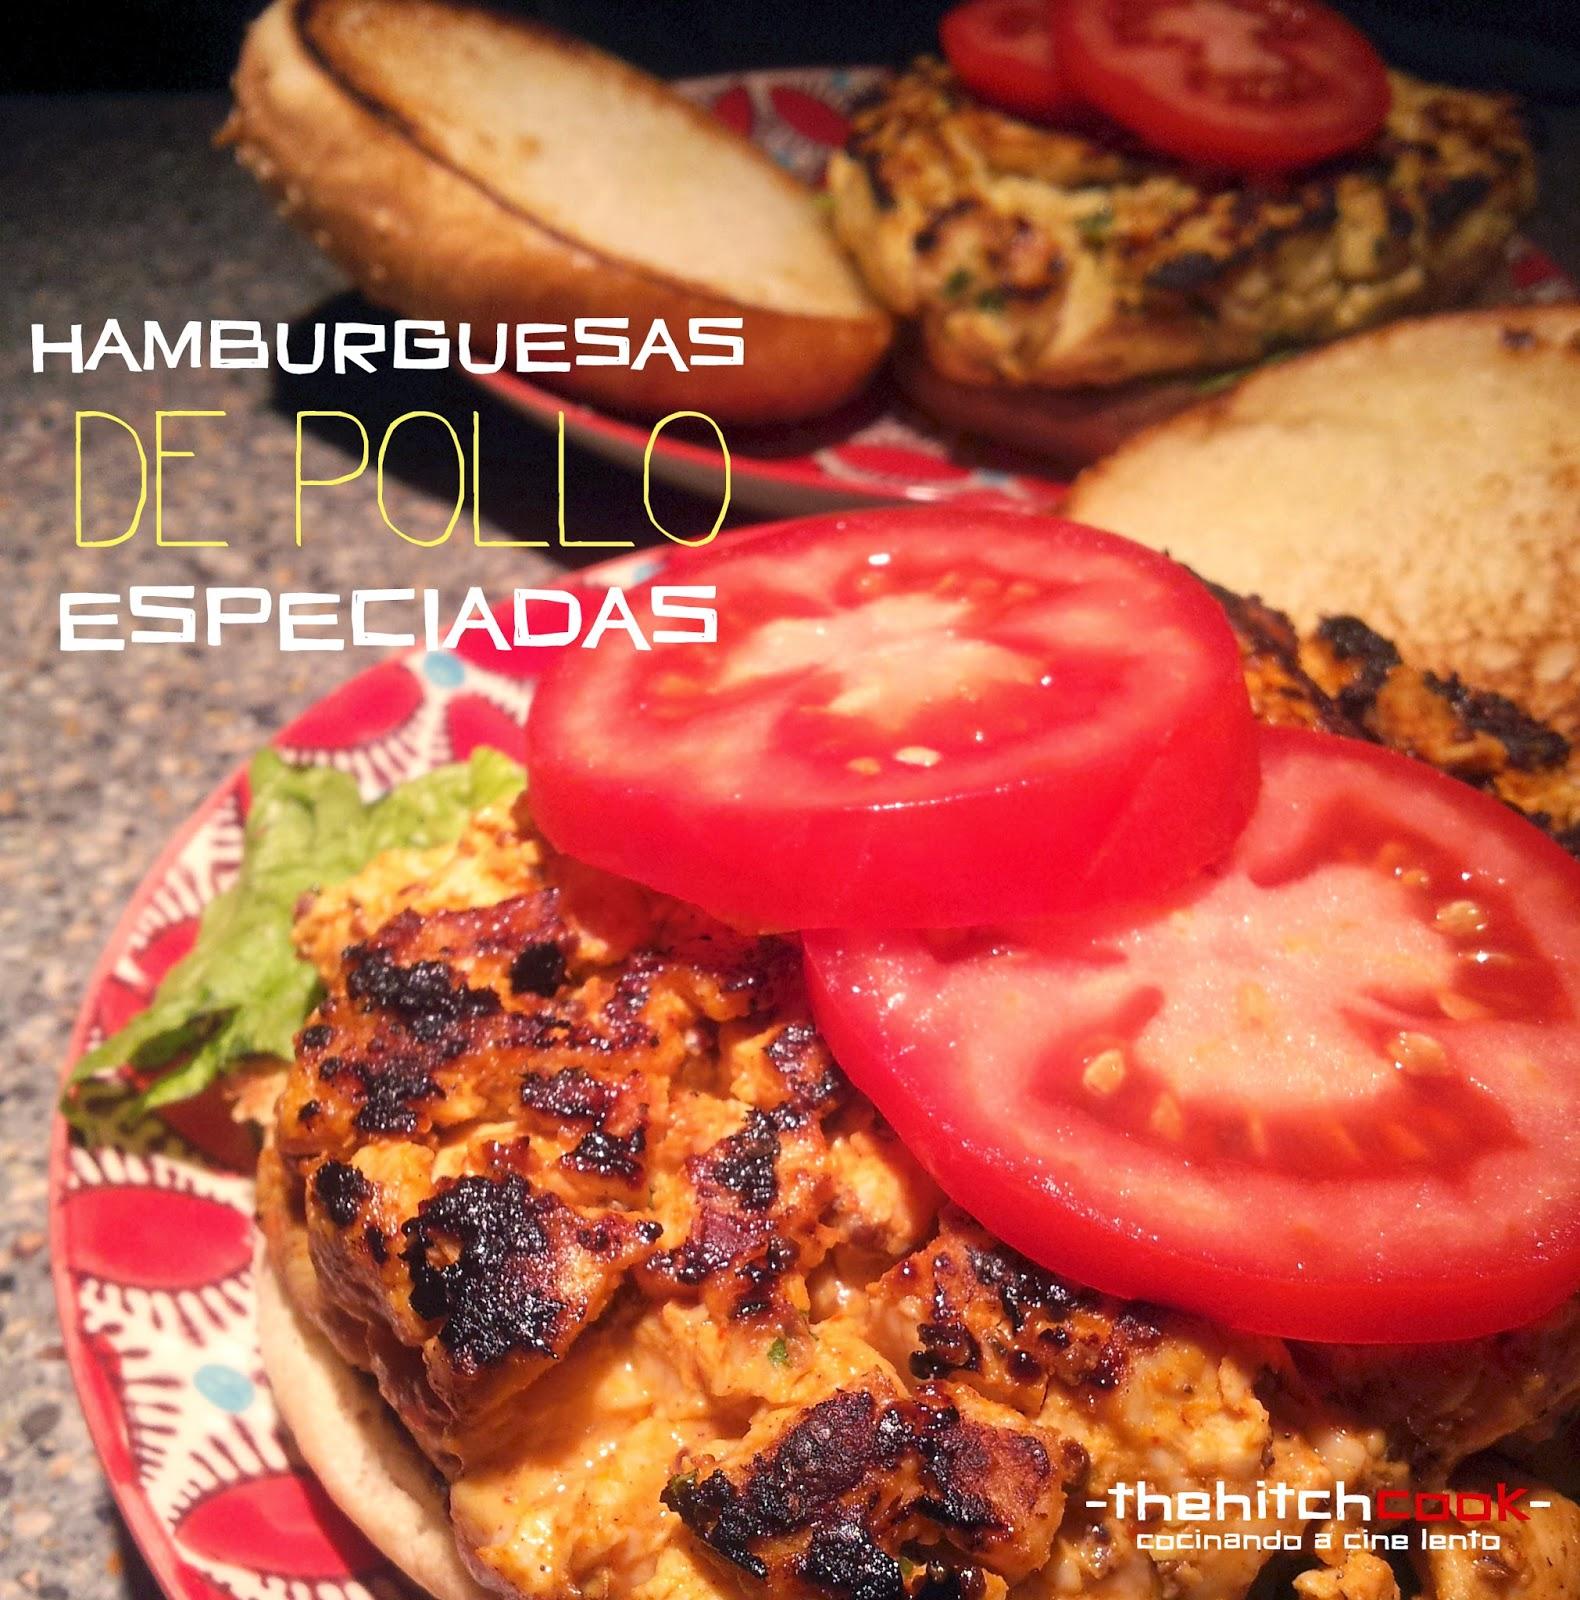 Hamburguesas de pollo especiadas